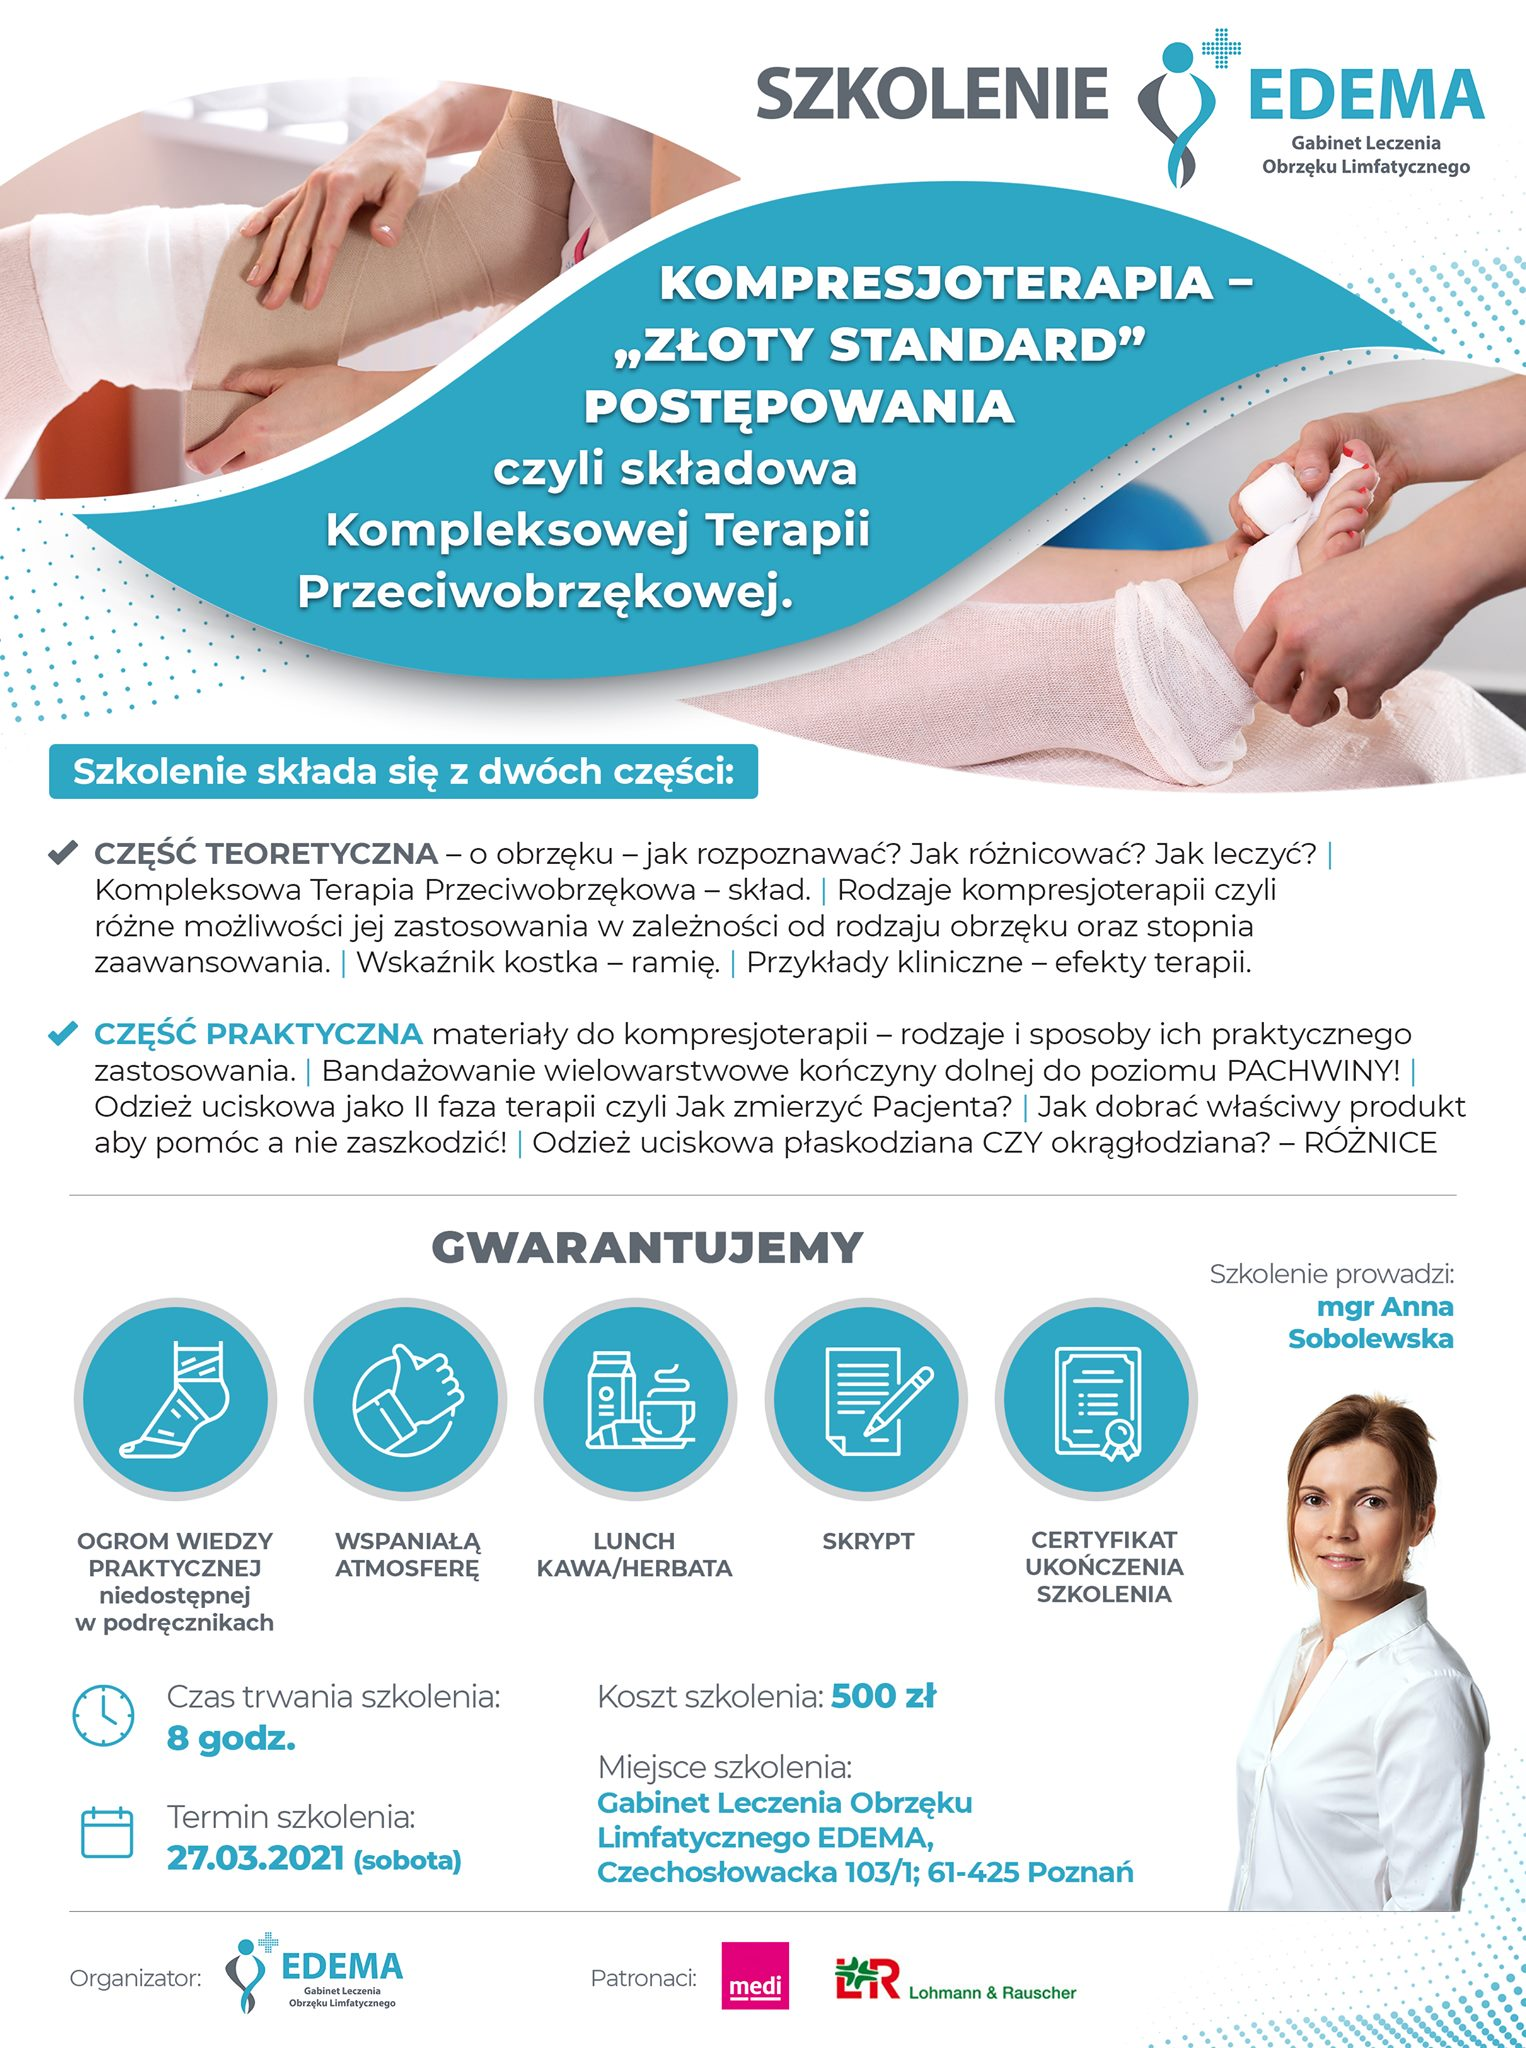 Szkolenie Z Kompresjoterapii Dla Fzjoterapeutów, Pielęgniarek I Lekarzy!